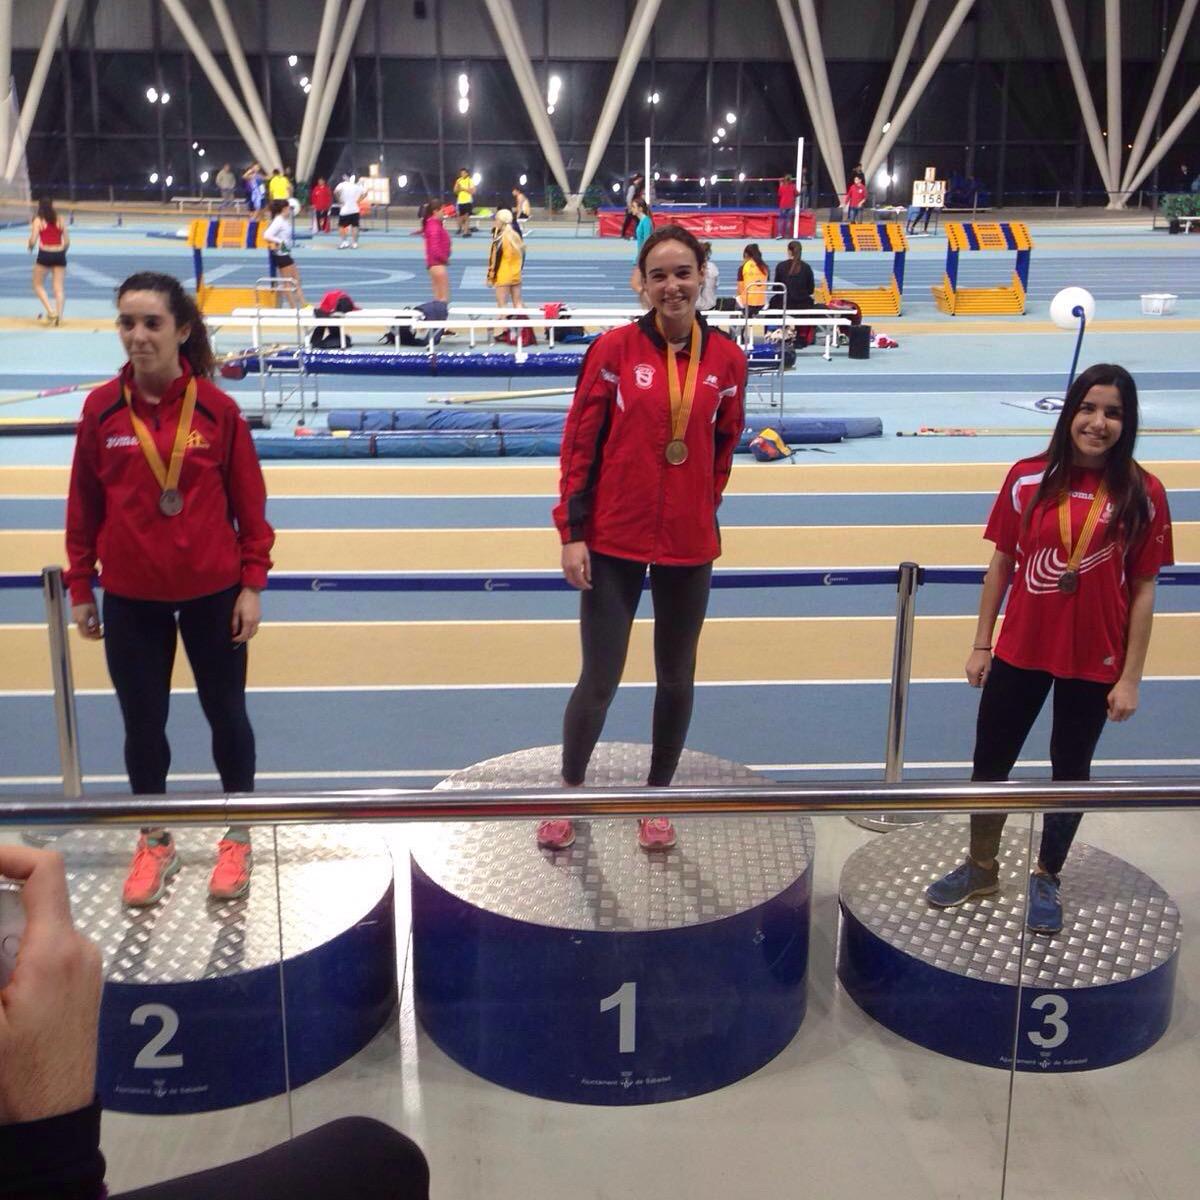 Campiona de Catalunya Junior de Pista Coberta de 800 m.ll.